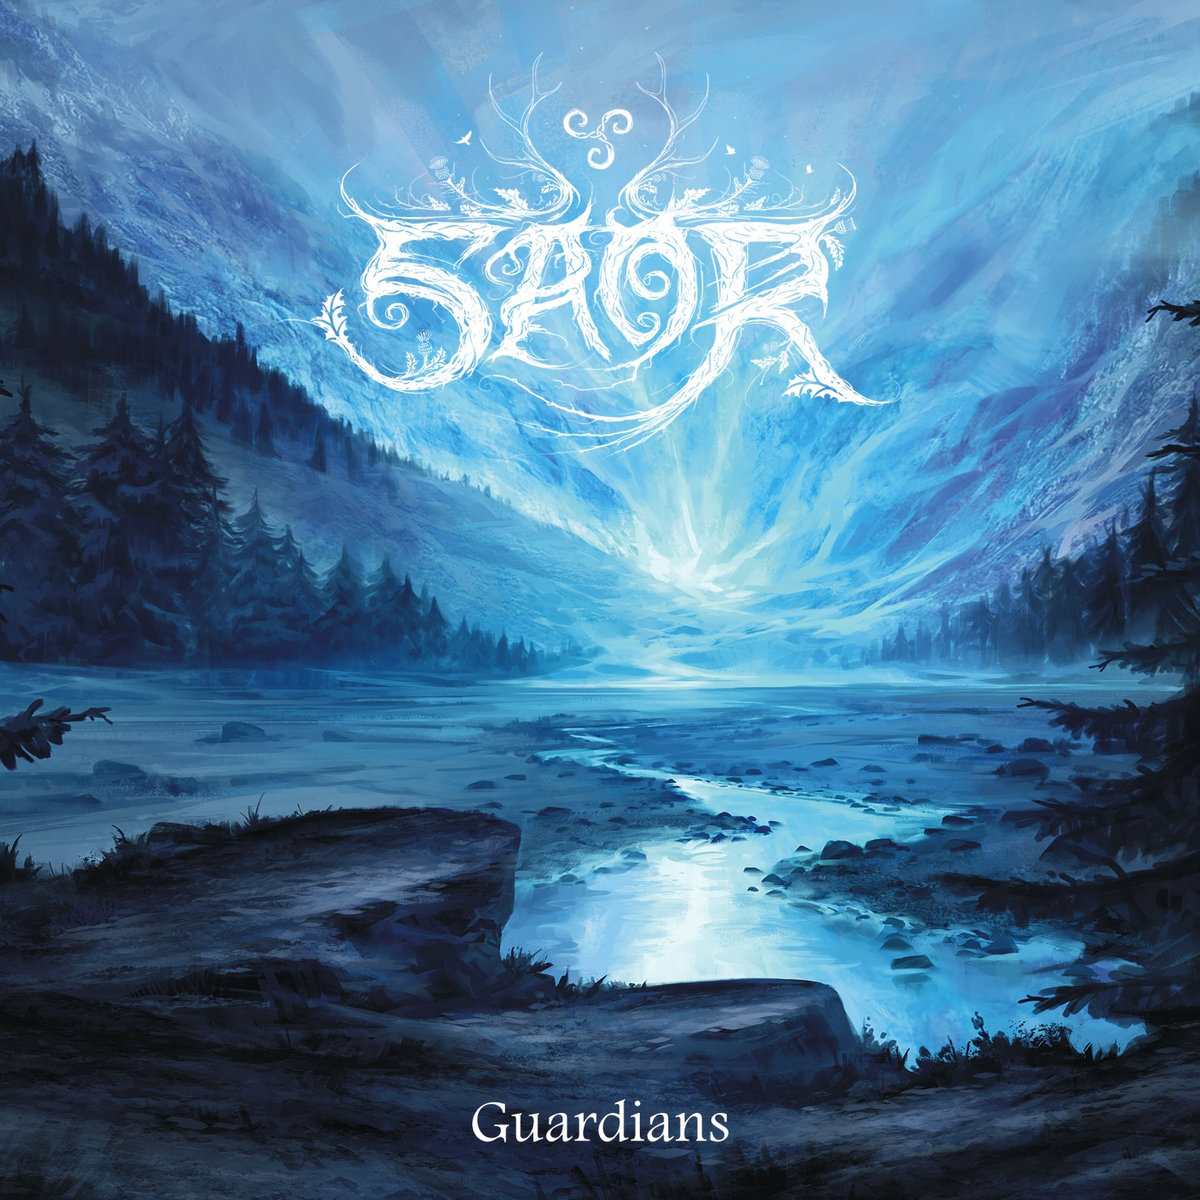 Saor: Guardians